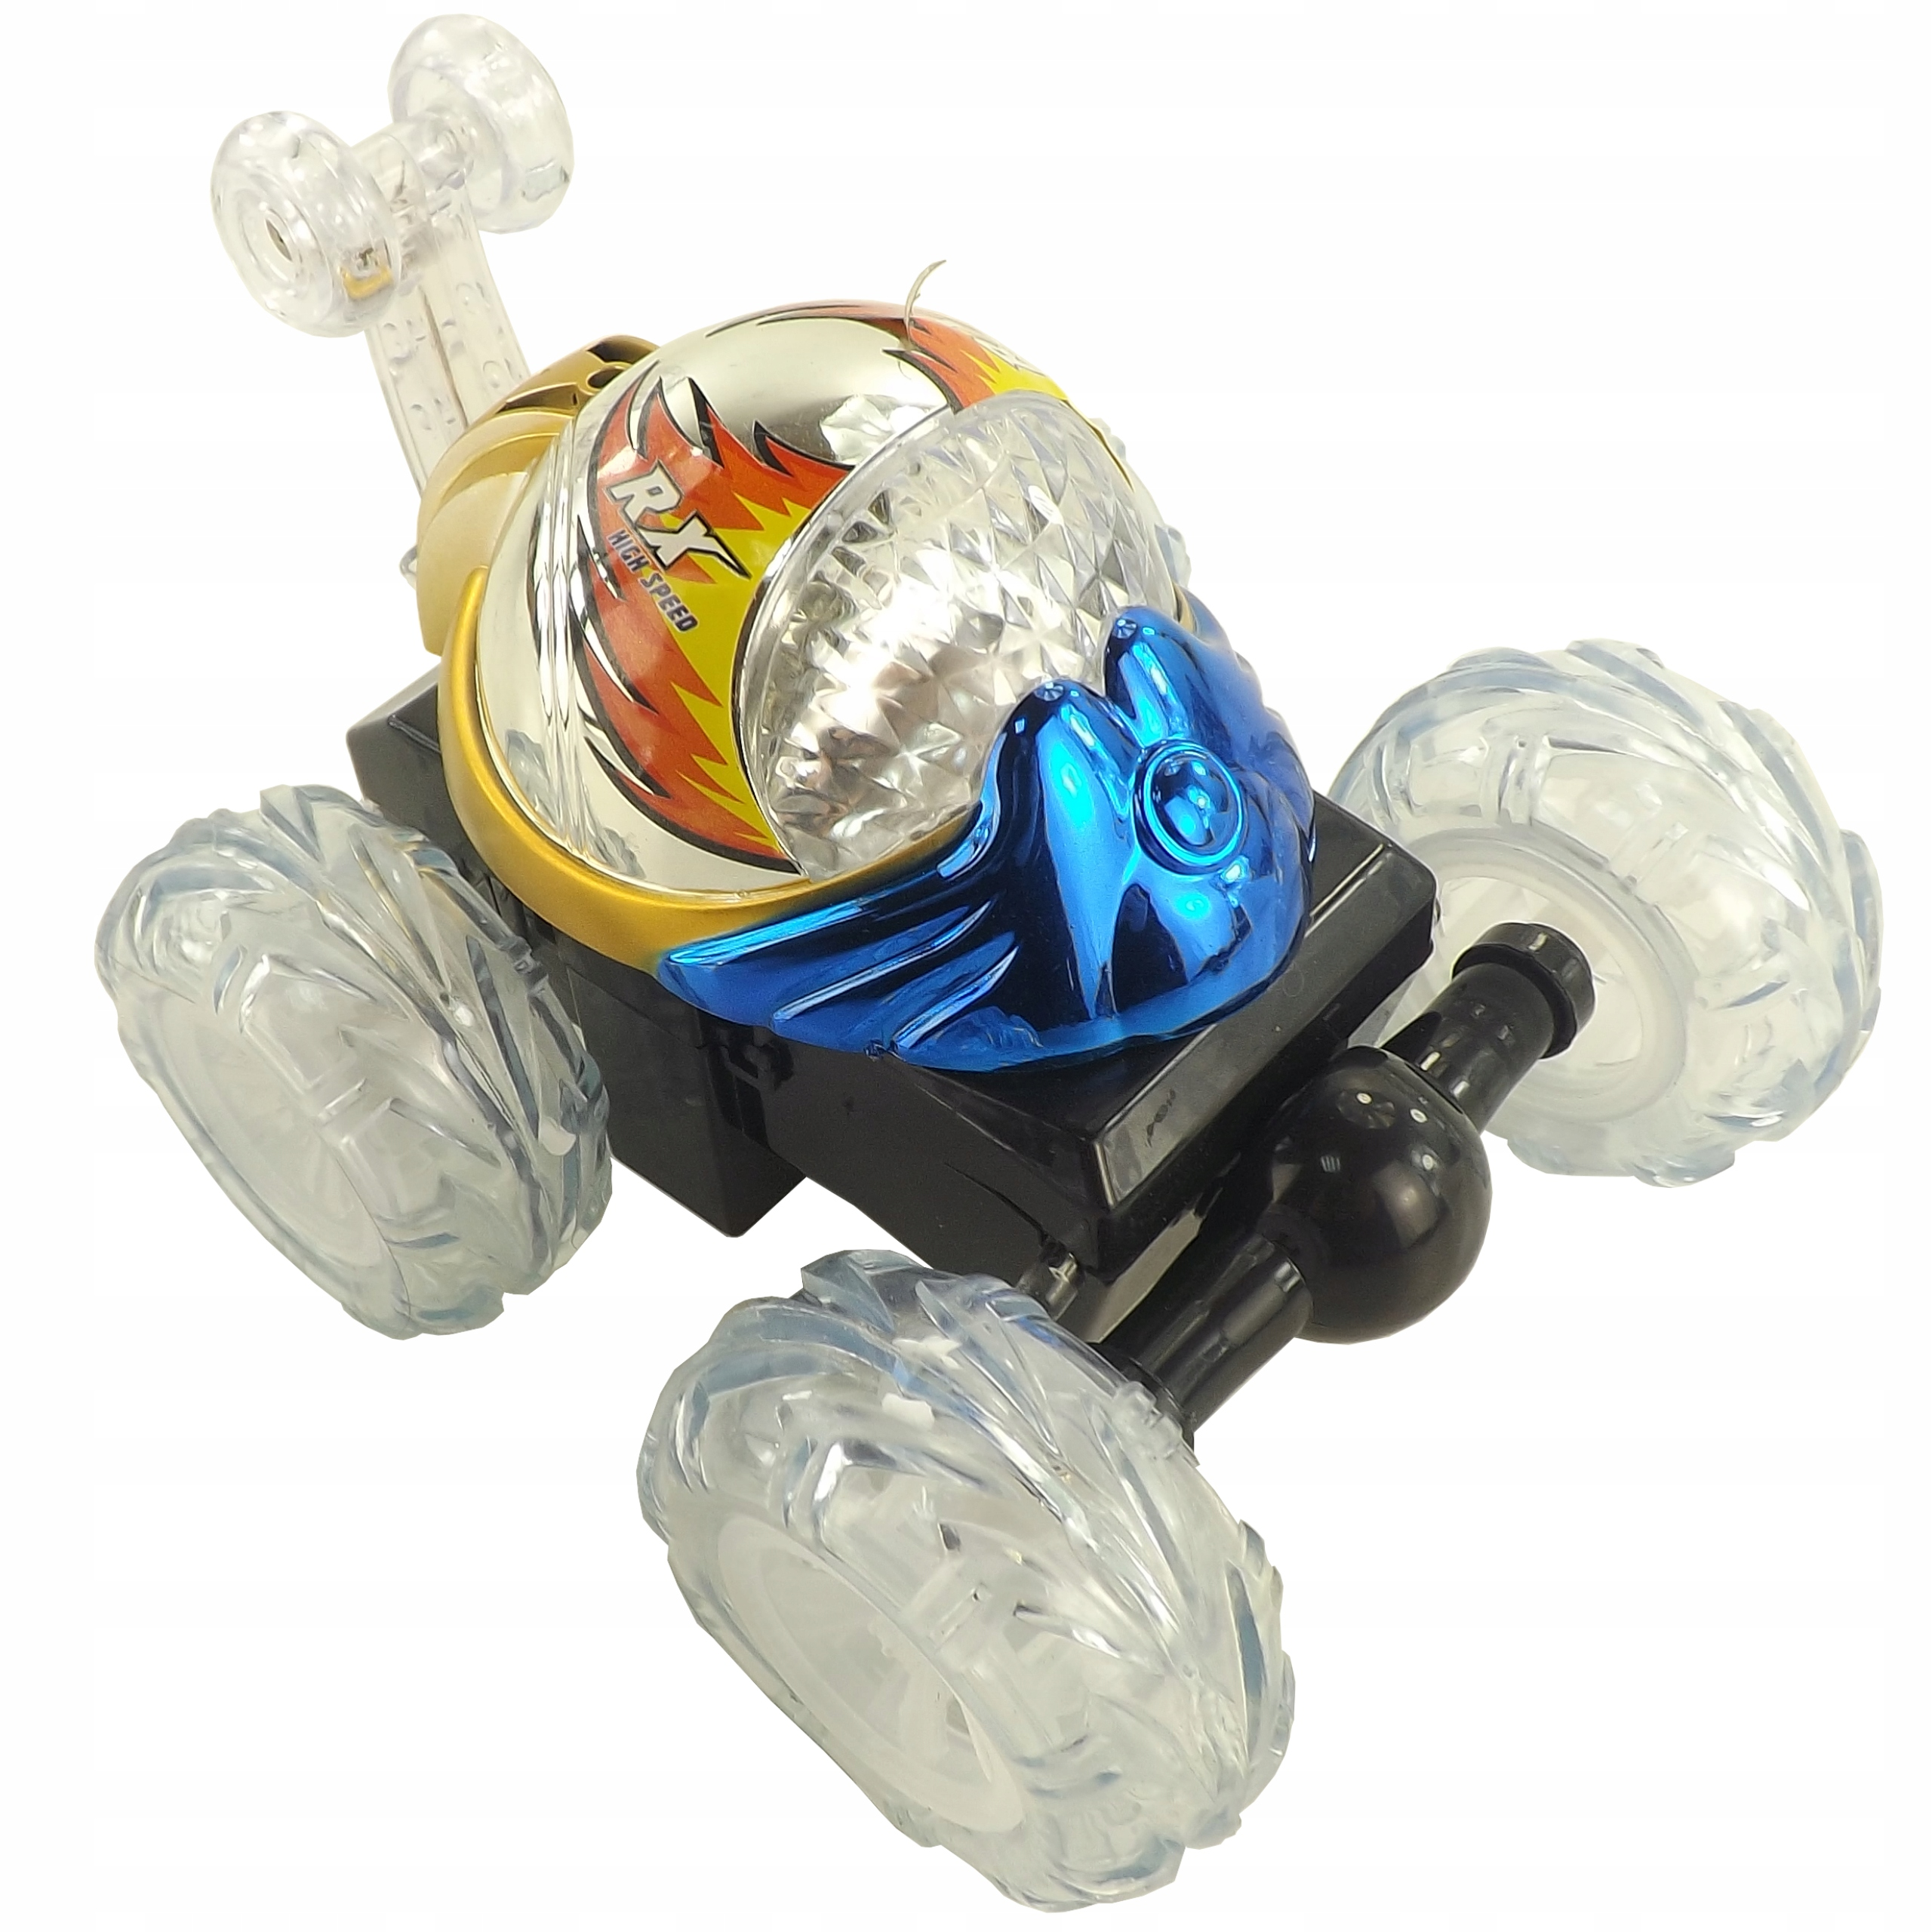 TWISTER - tańczący samochód dźwięki ,światła 99918 Kod producenta 99918